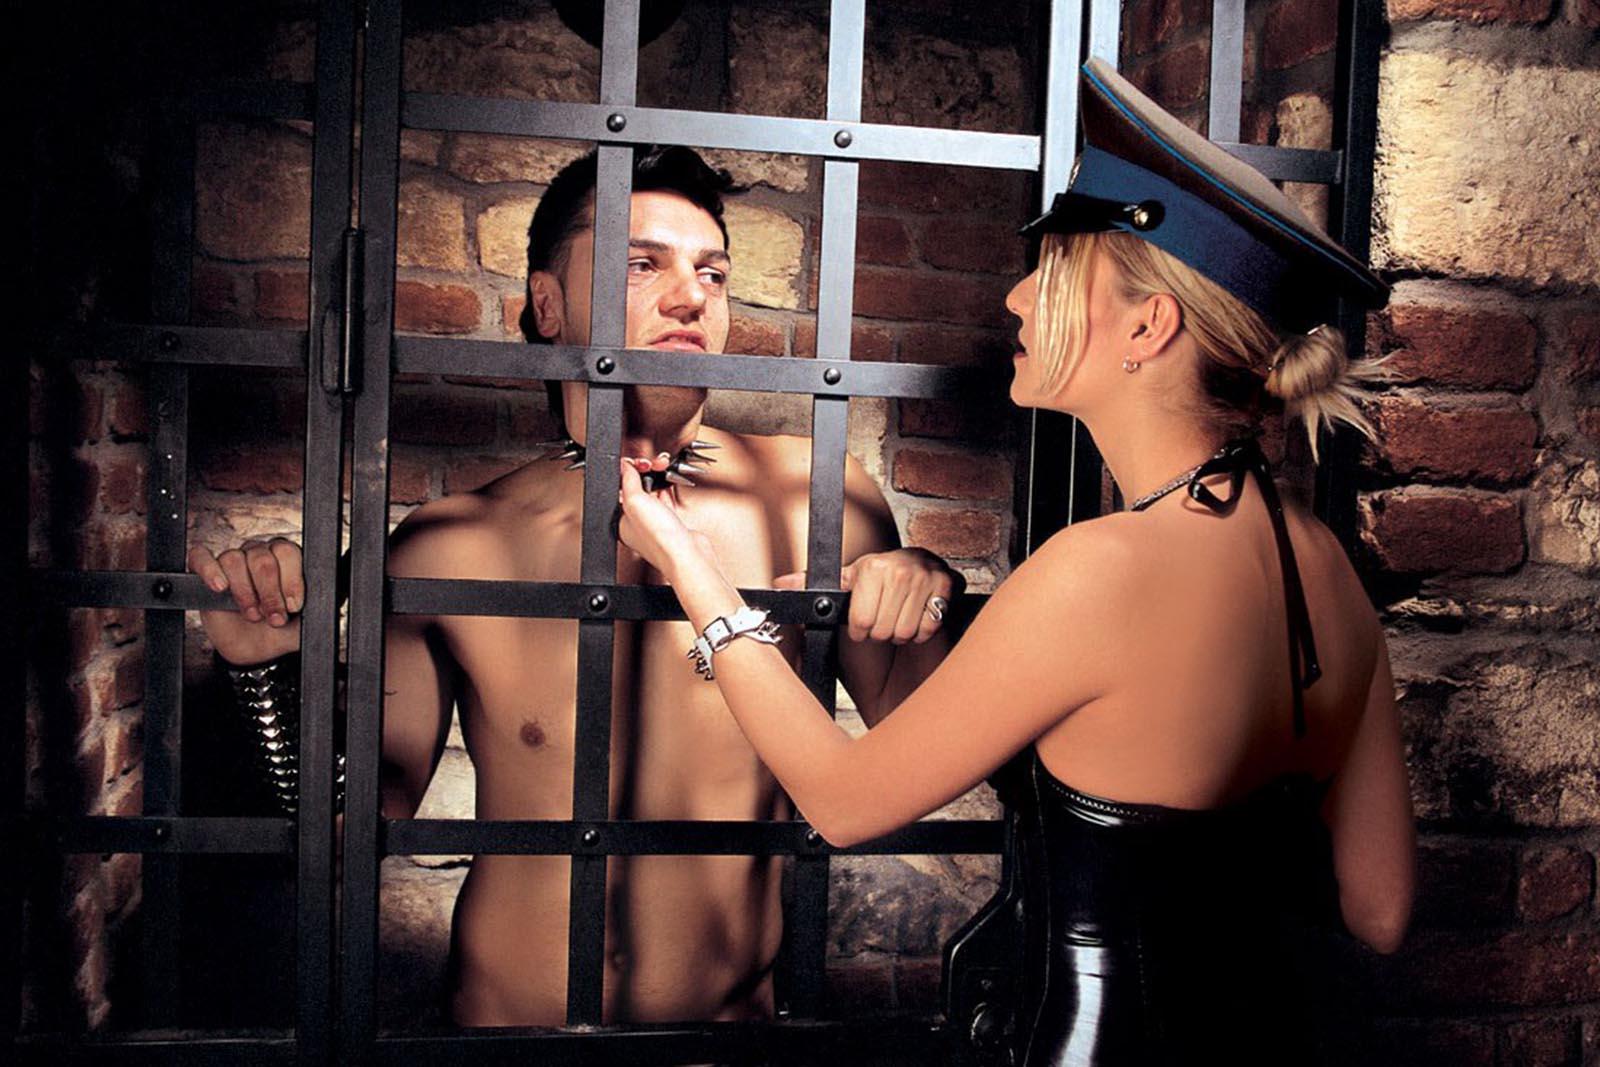 Джинсы дрочка фильм госпожа и раб